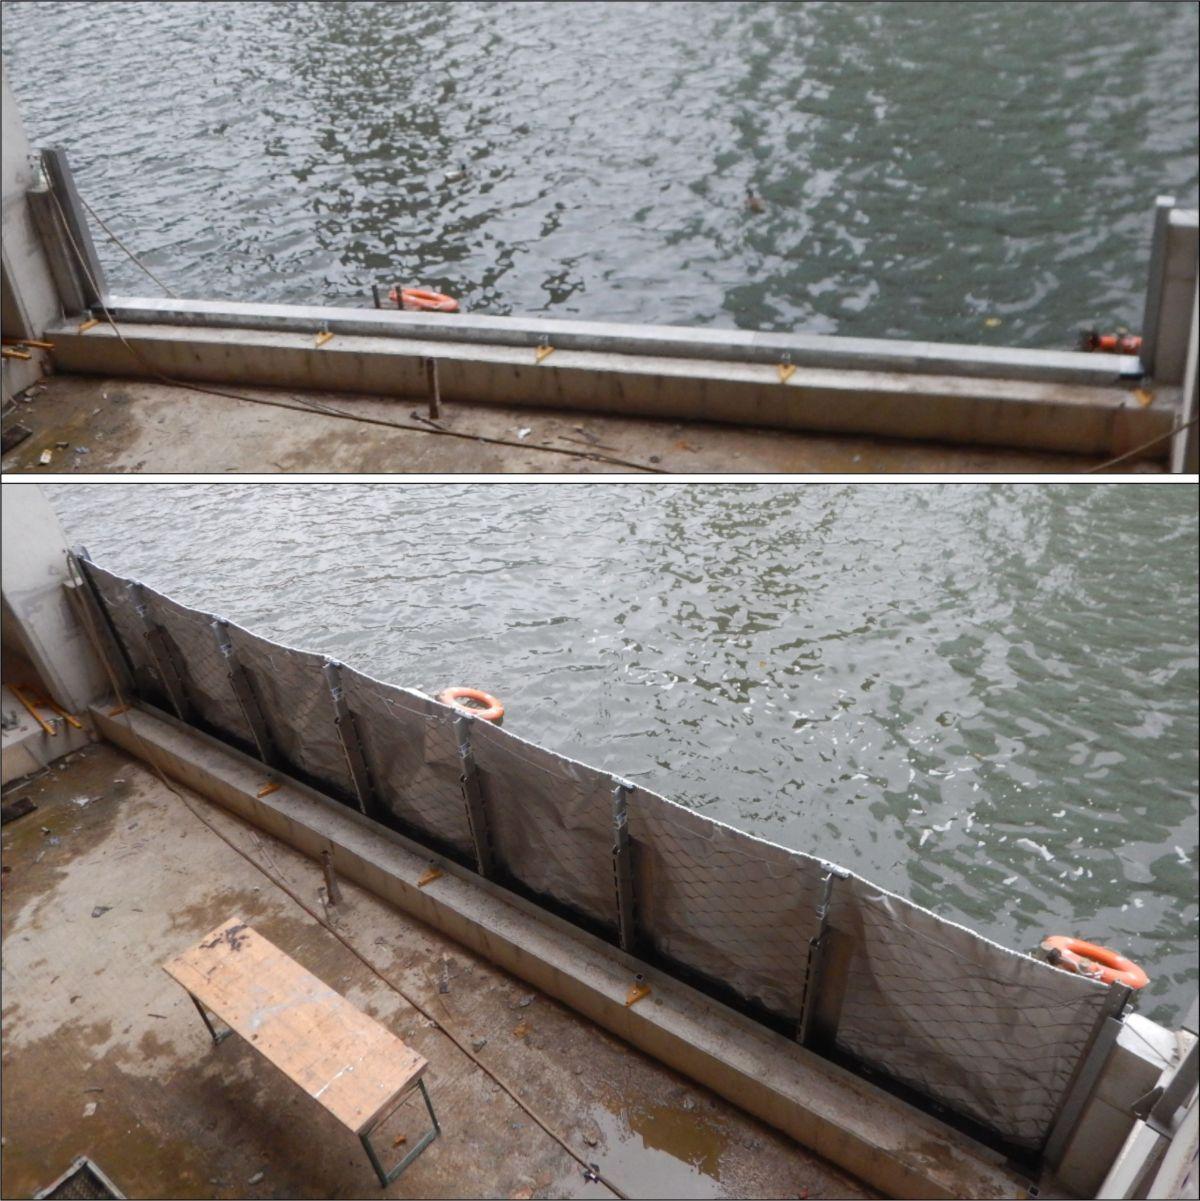 Bilder: Die AquaWand ist in dem Gebäude installiert